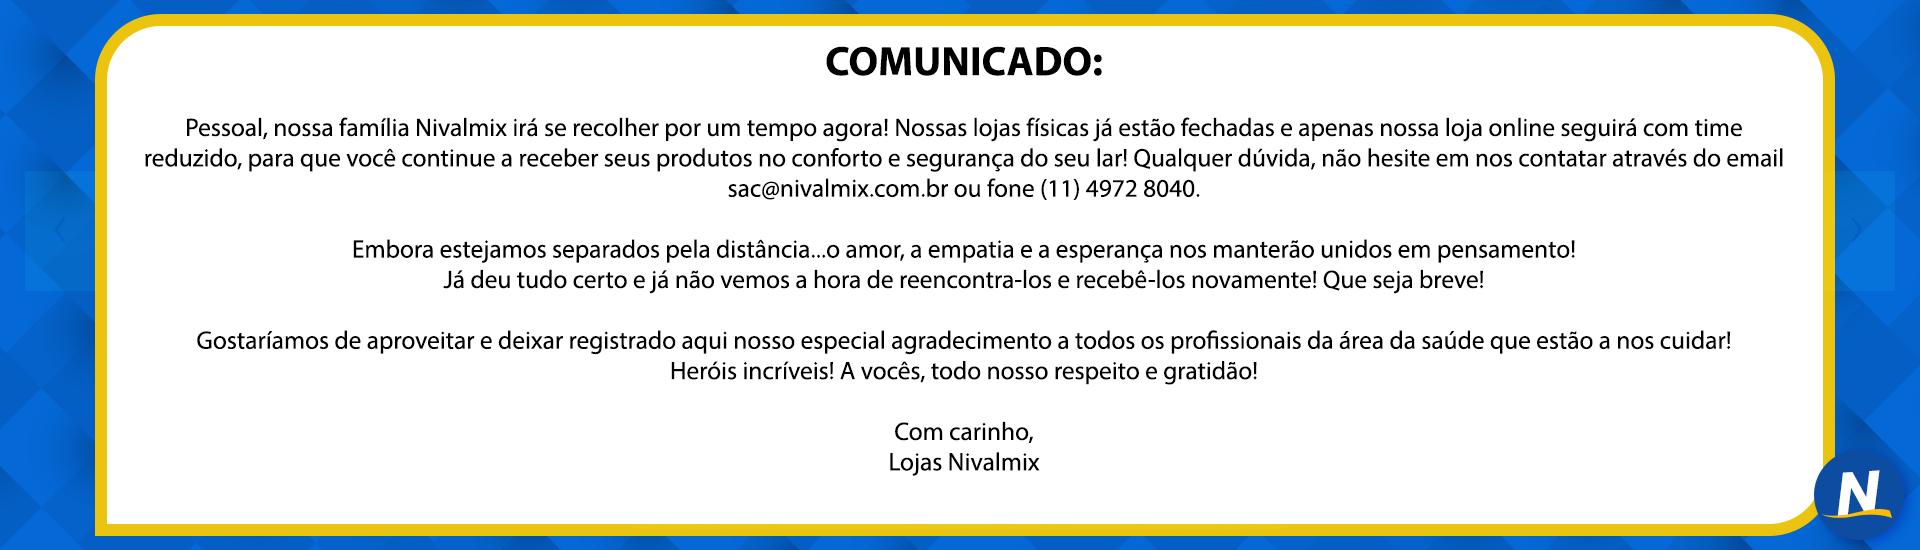 banner comunicado covid19